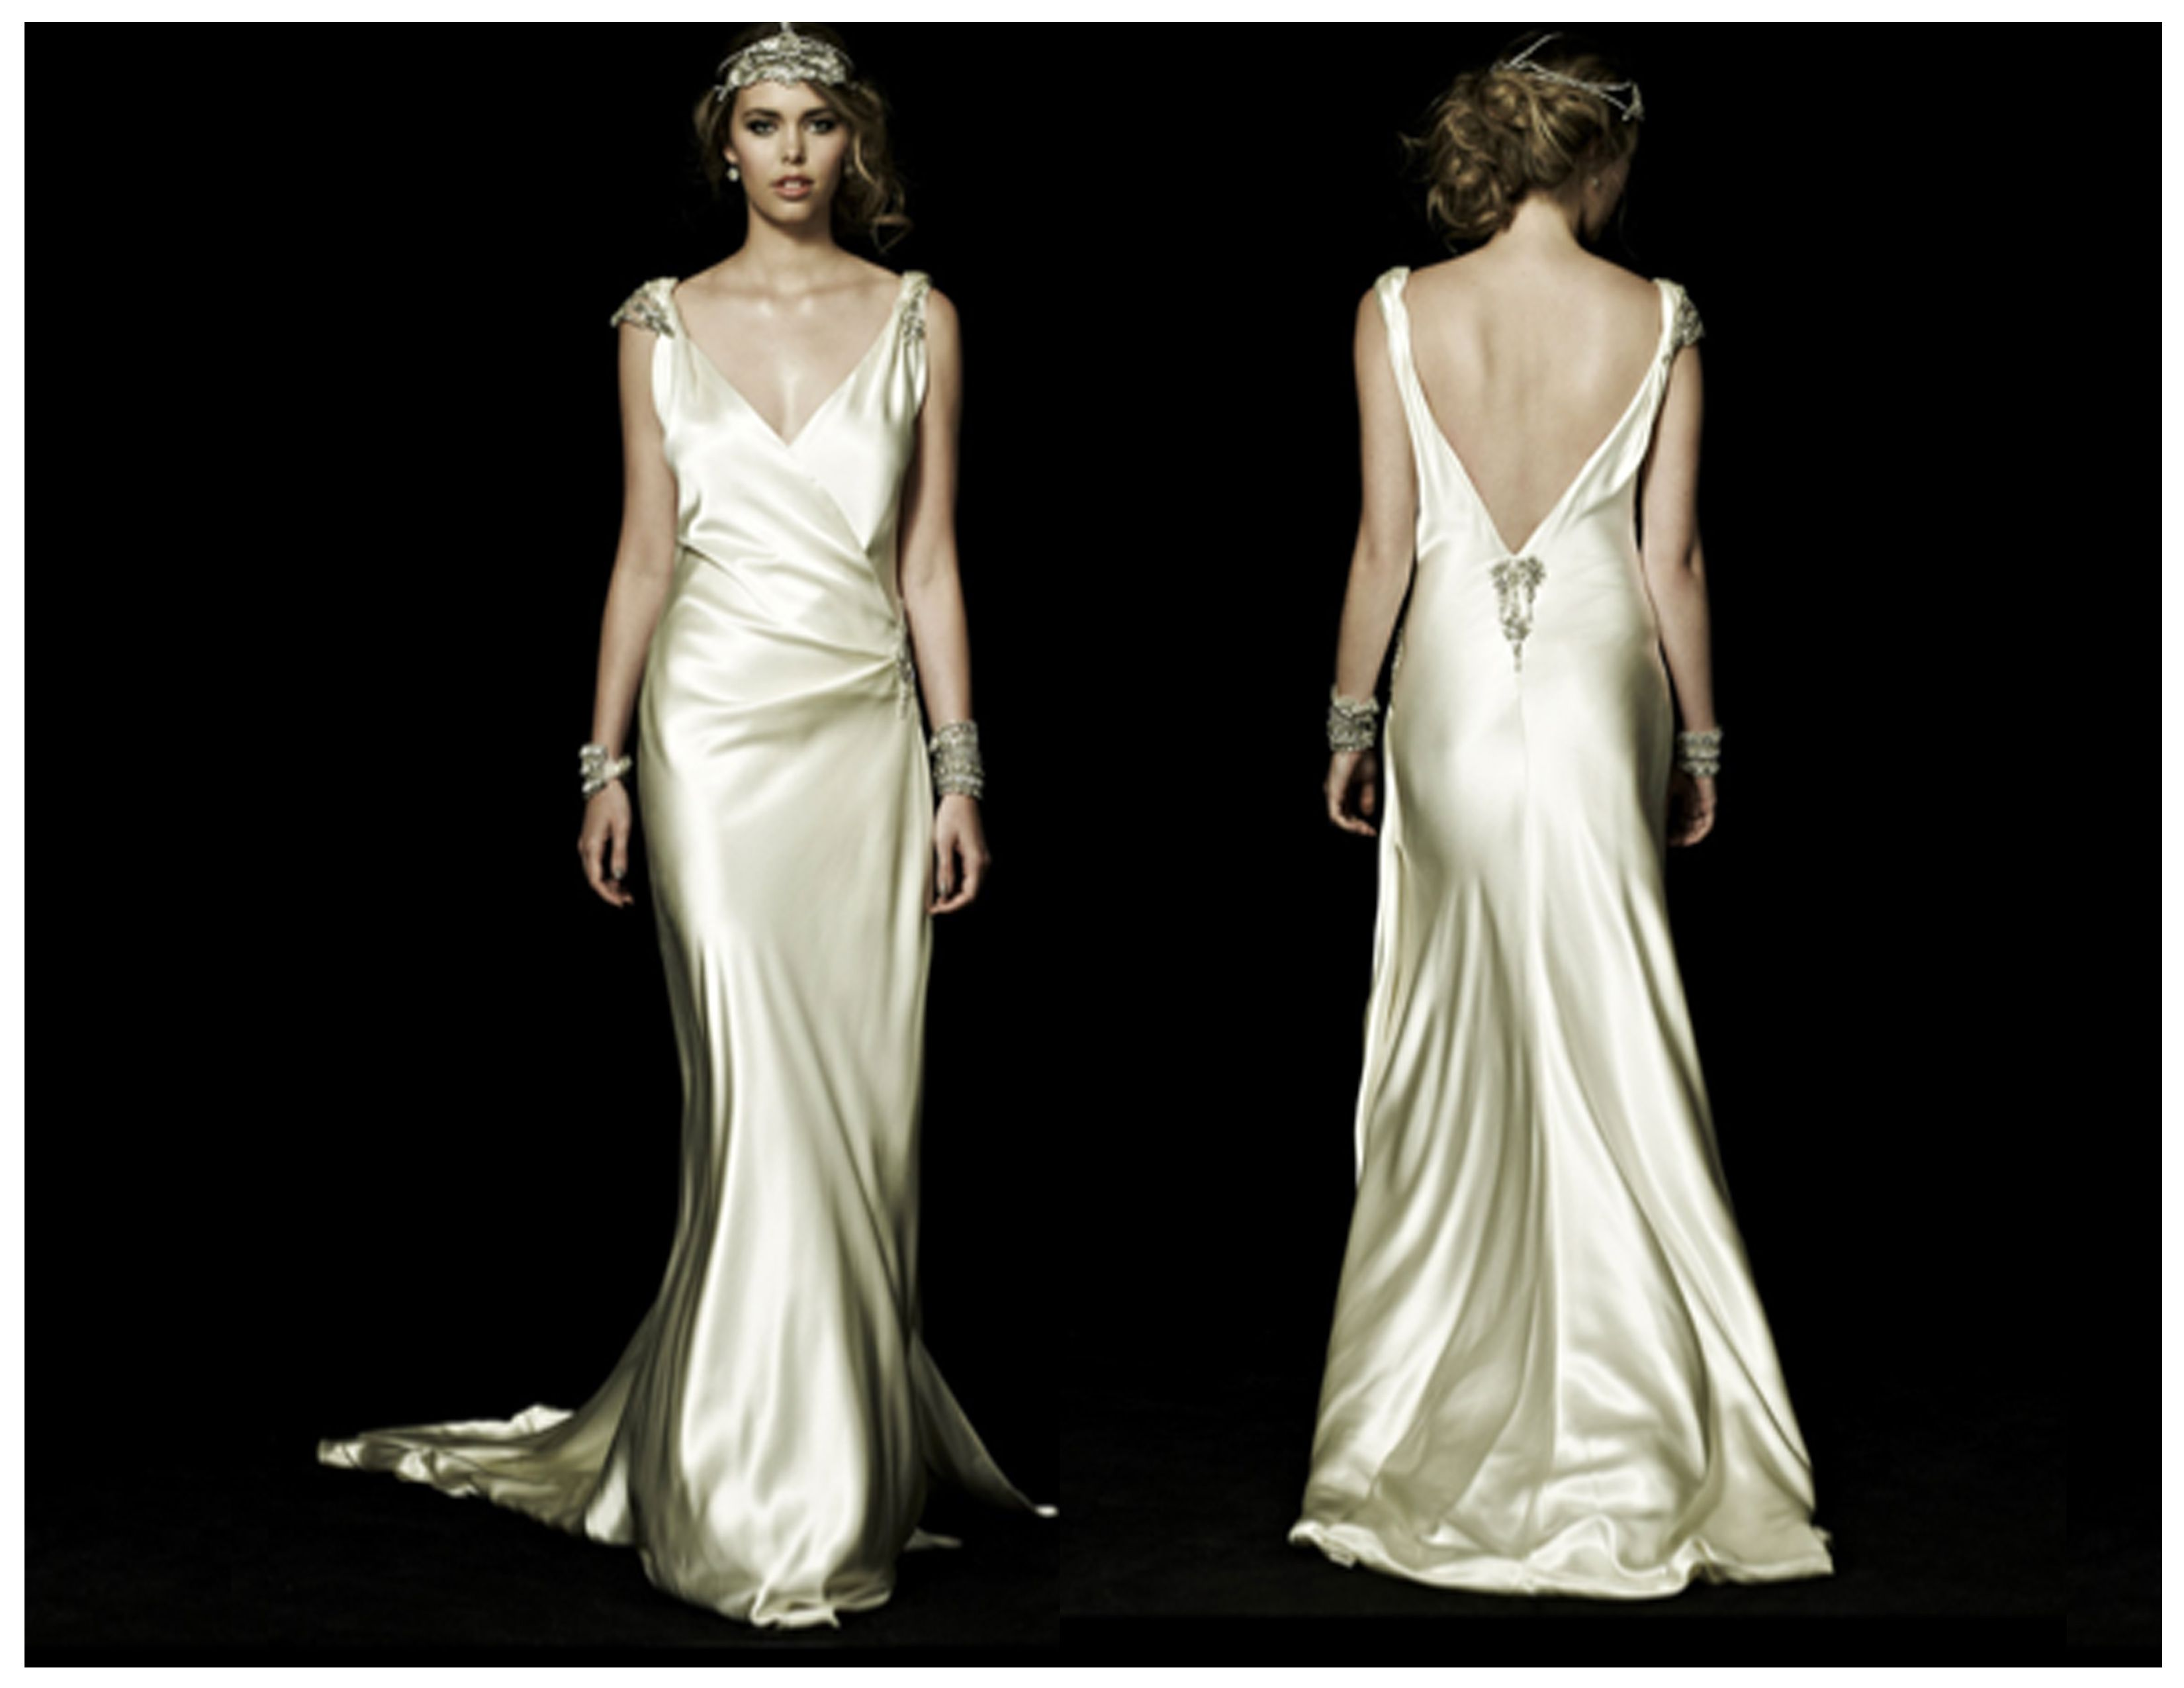 1920 DRESSES | Lustige Bilder | neices | Pinterest | 1920s